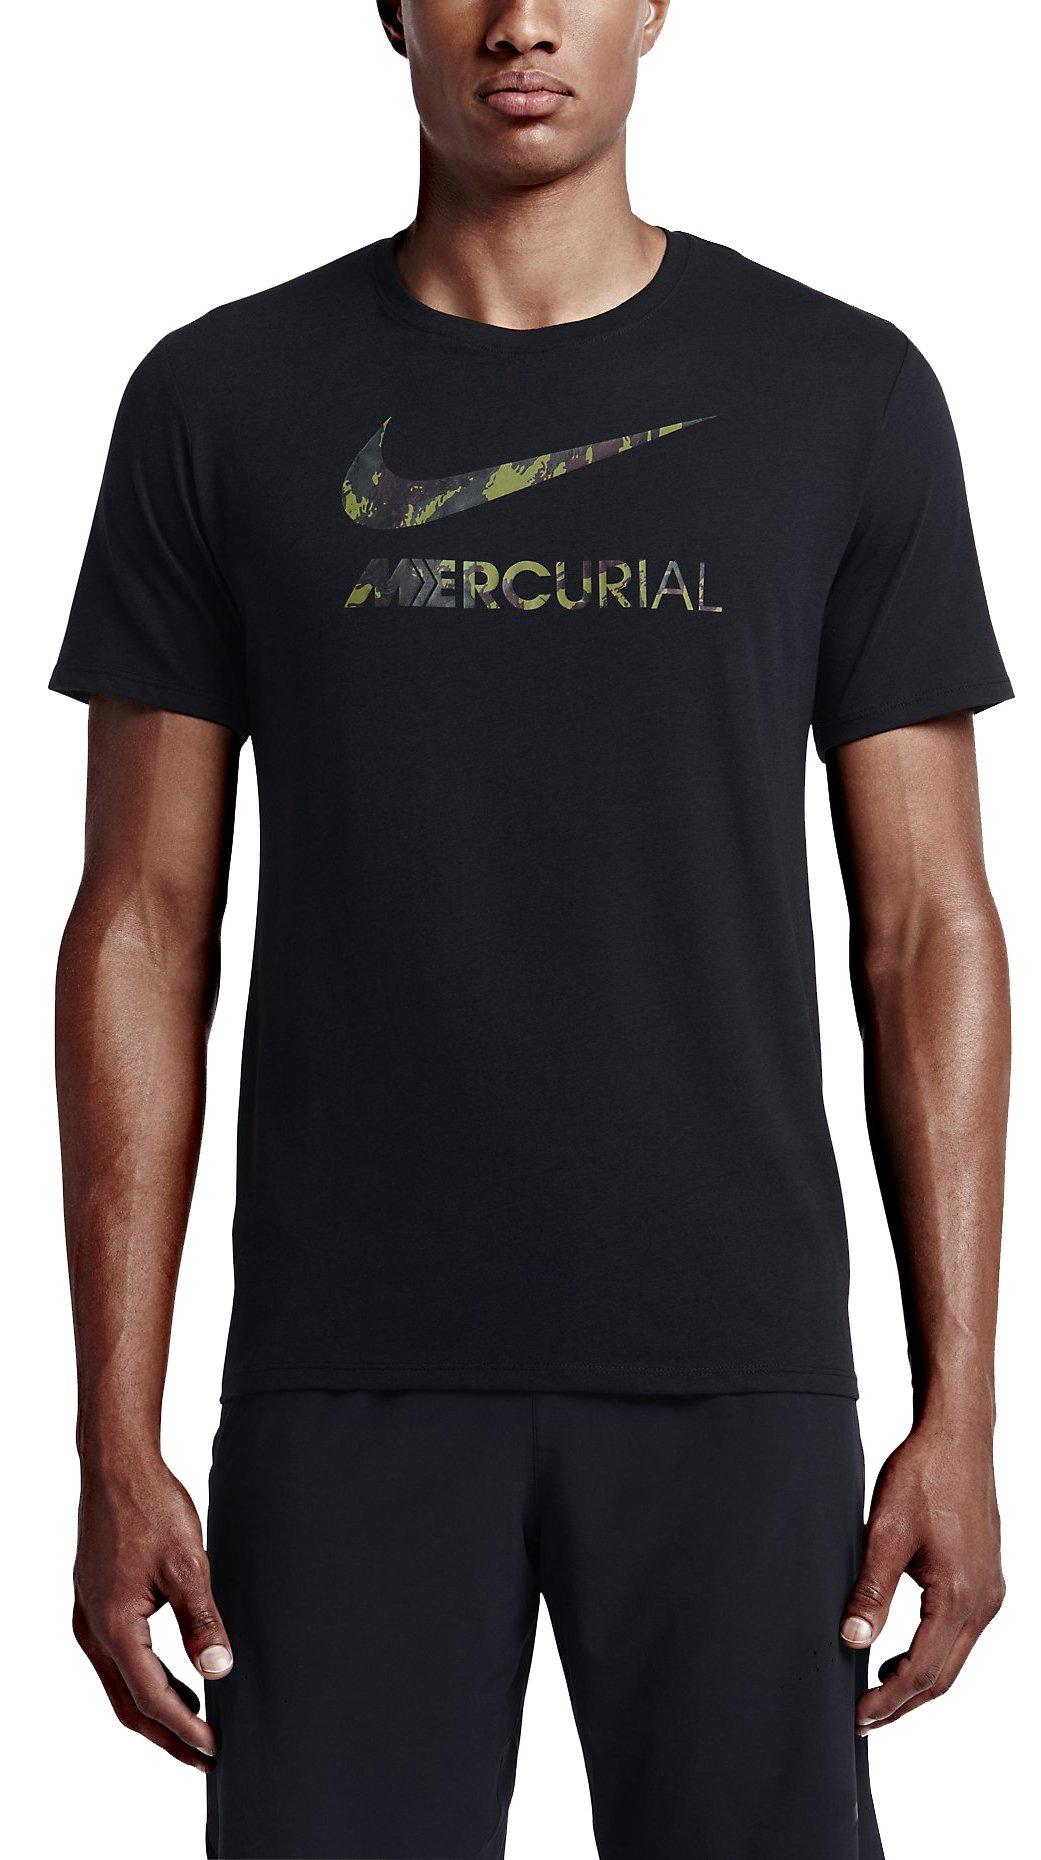 Triko Nike MERCURIAL CAMO